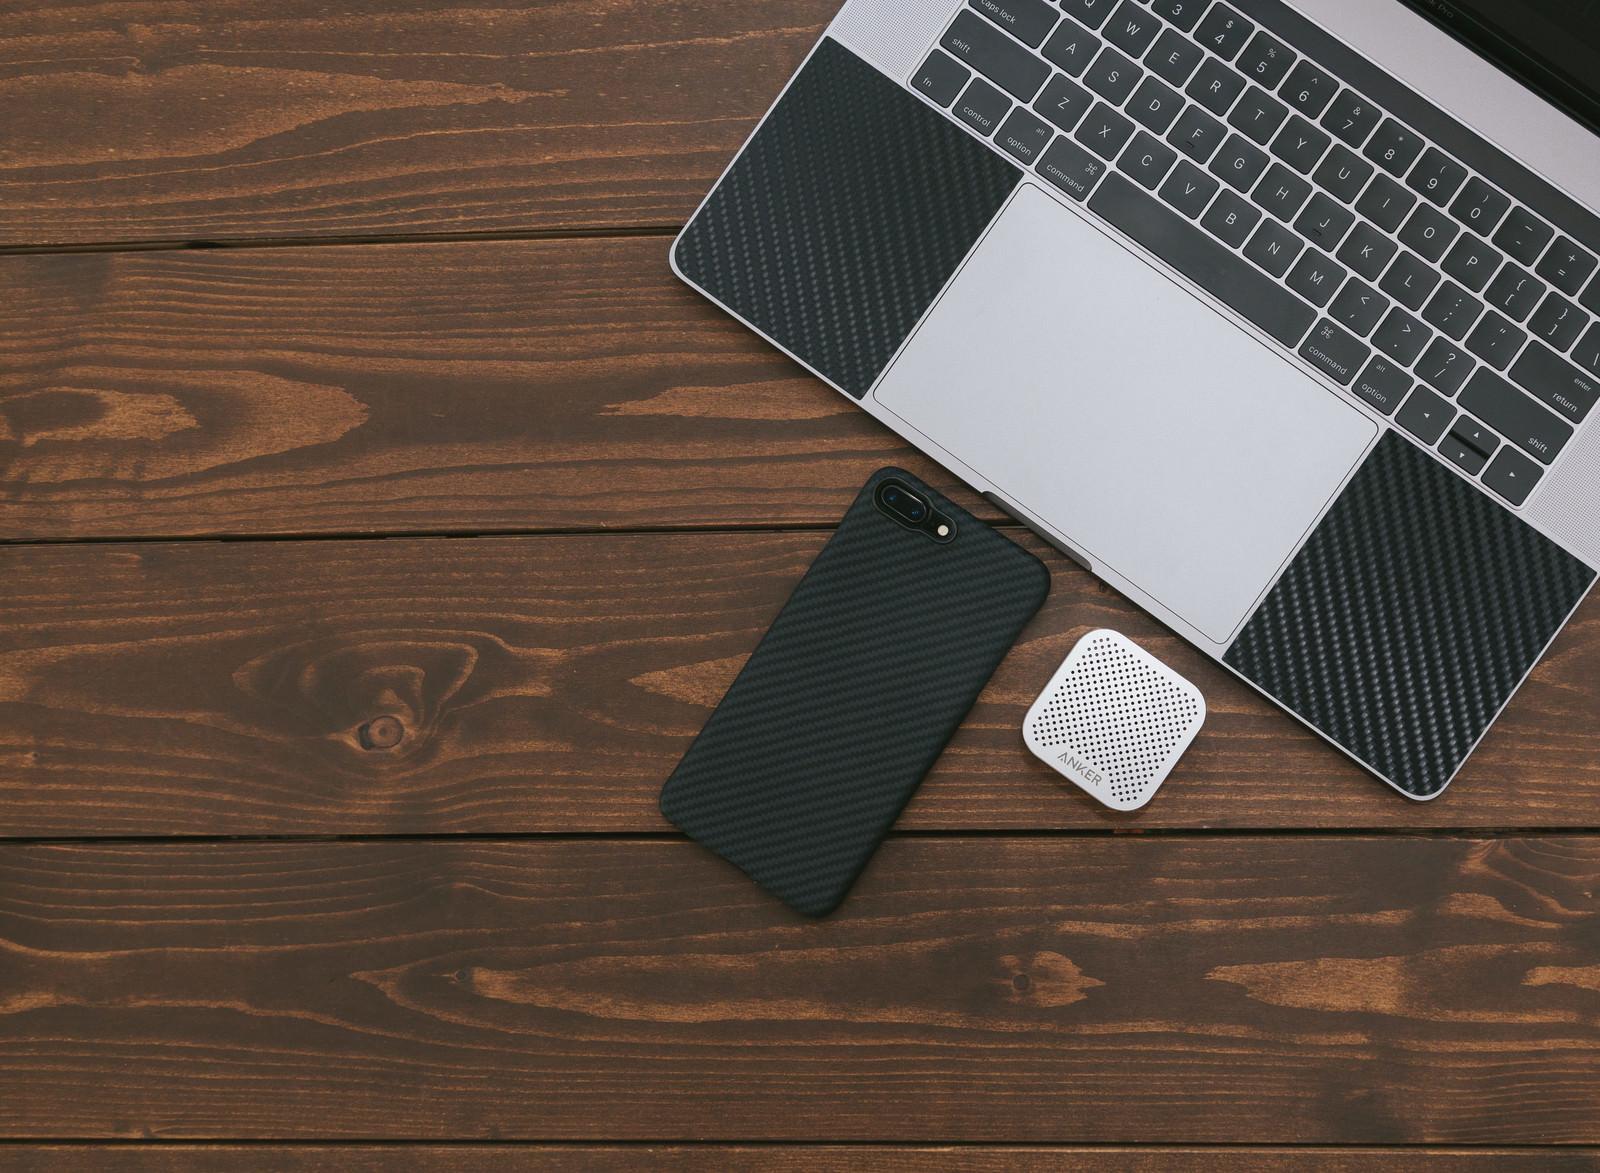 「スマートフォンと小型のワイヤレススピーカー」の写真